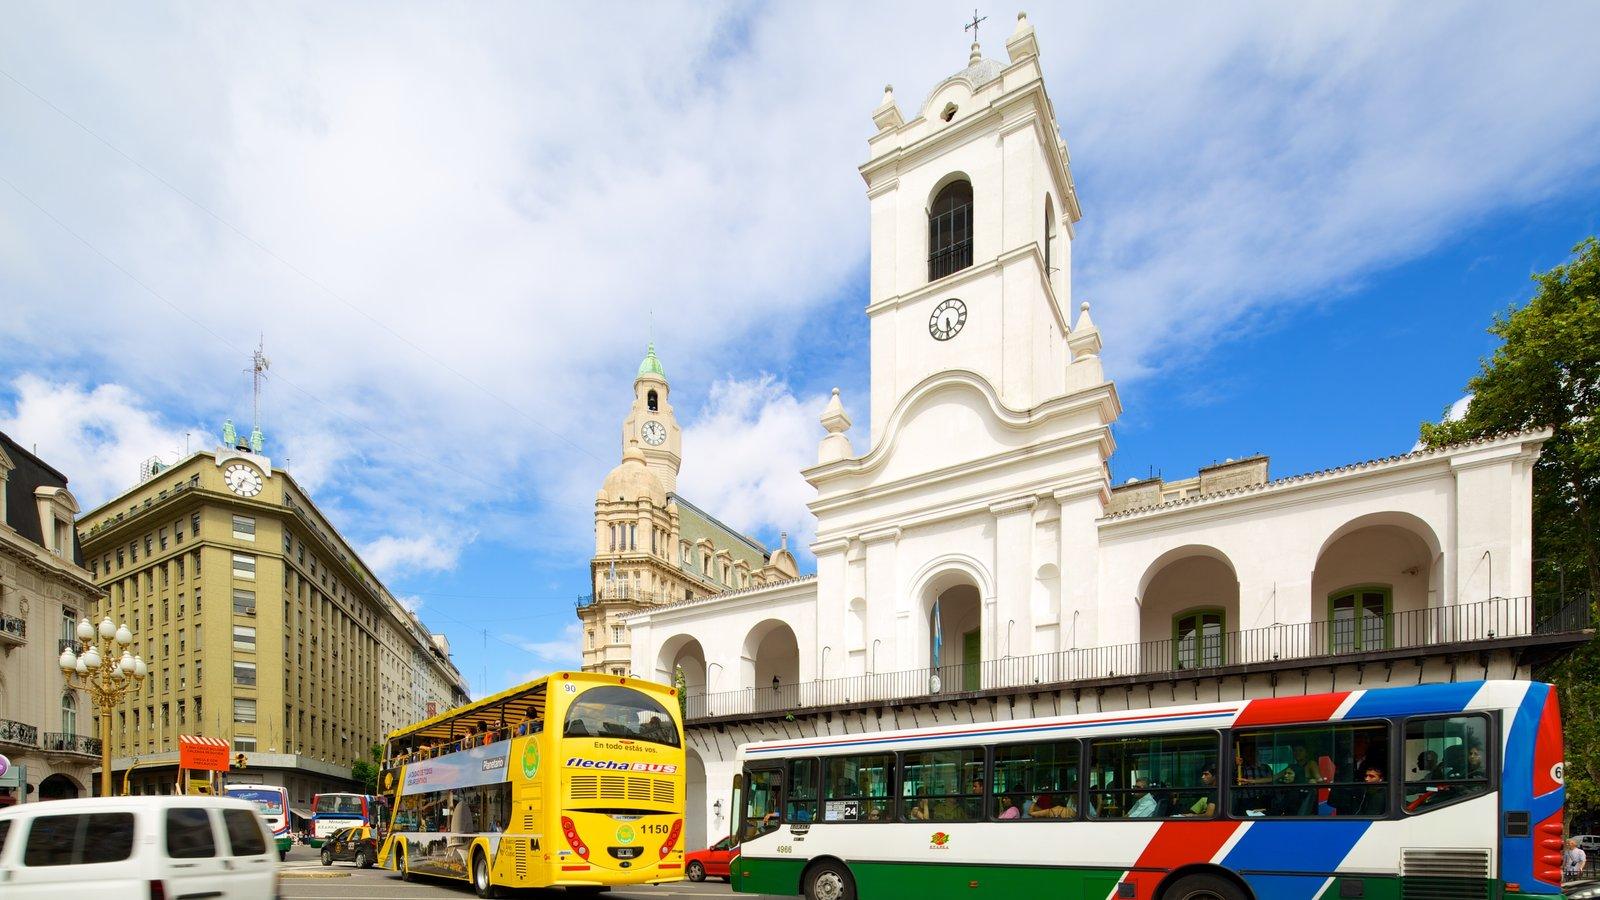 Cabildo que inclui uma cidade, elementos religiosos e uma igreja ou catedral